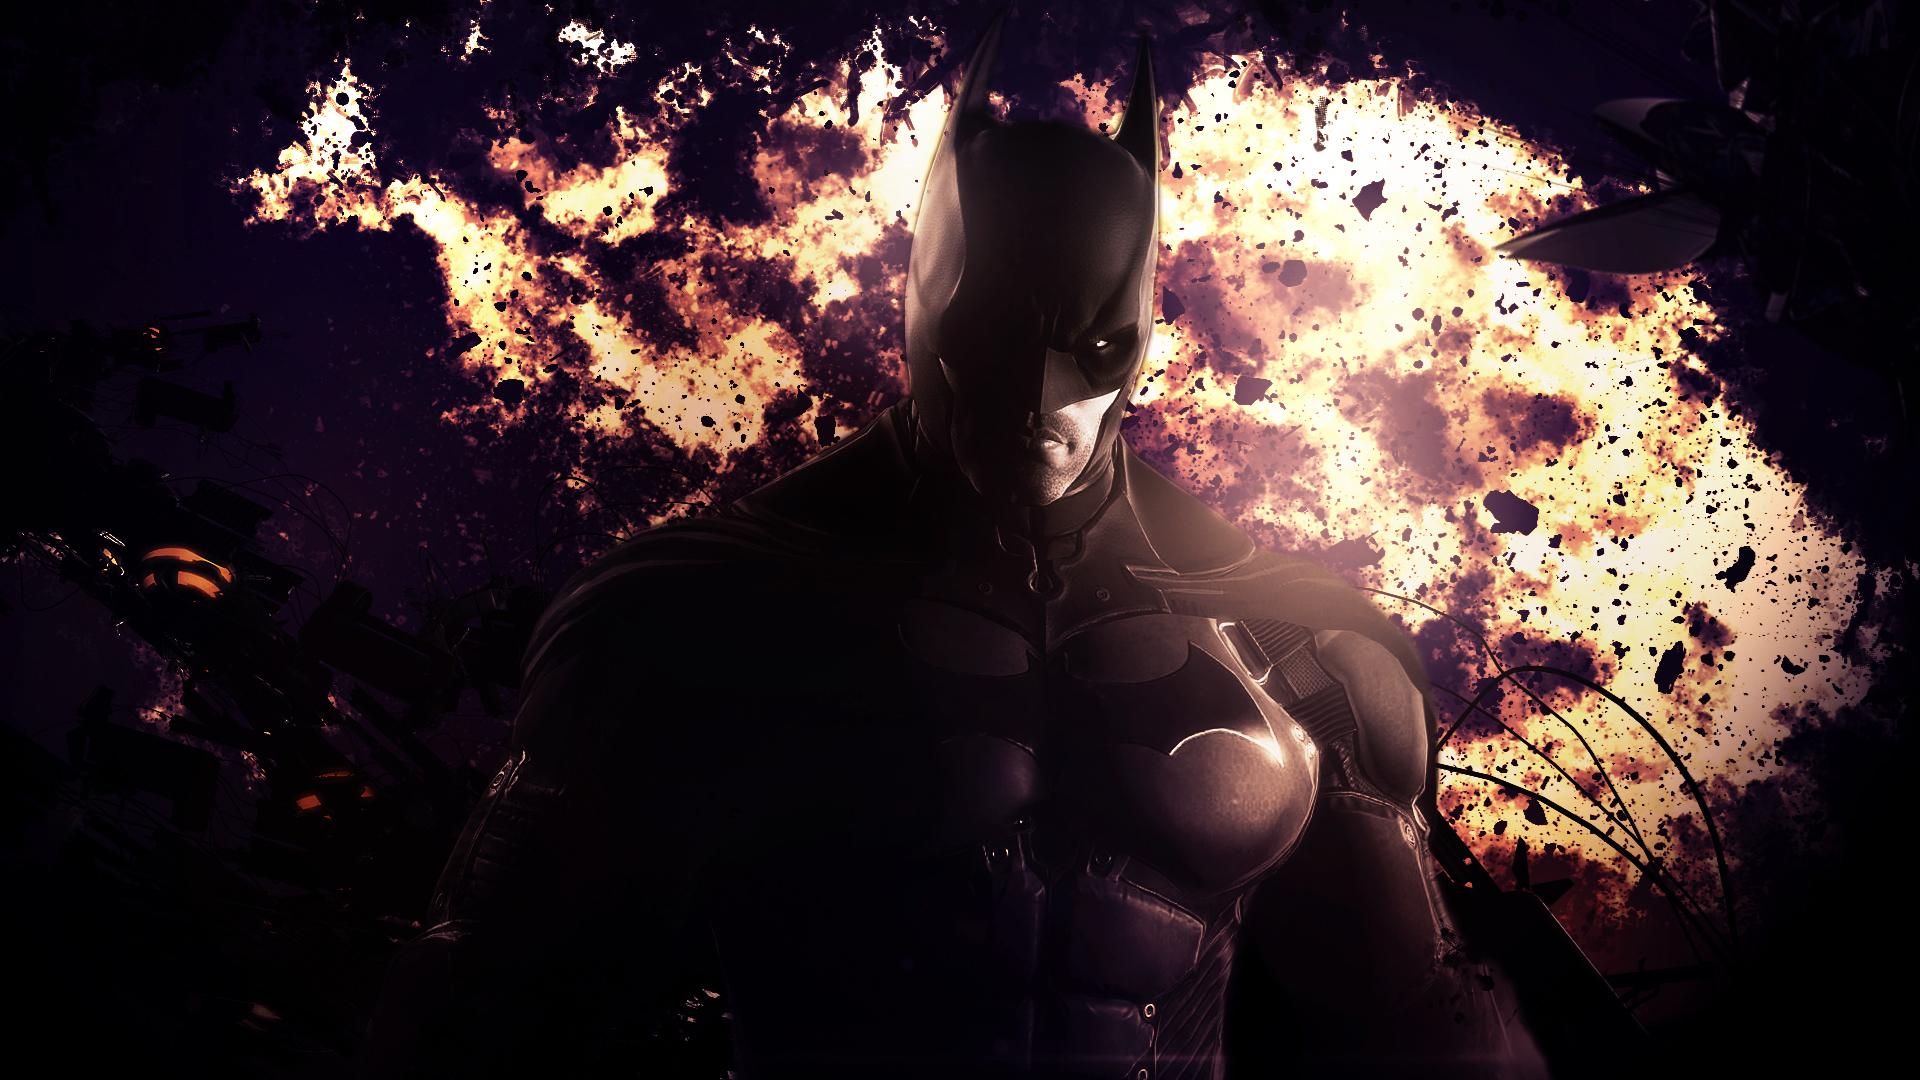 Exclusive batman arkham origins custom wallpaper by vis al ghul batman arkham origins custom wallpaper by vis al ghul voltagebd Images